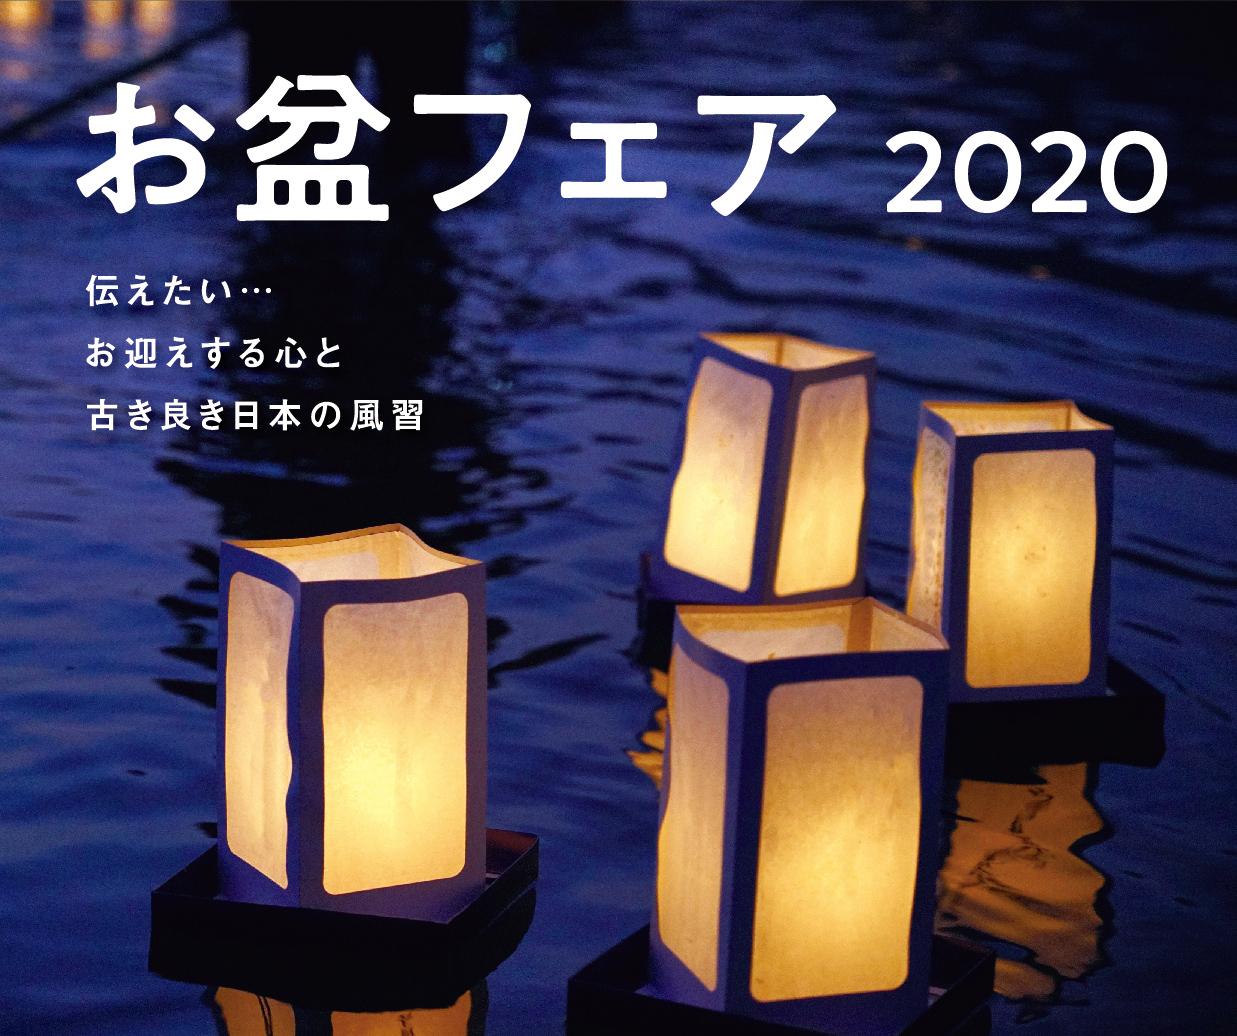 【群馬・埼玉】「お盆フェア2020」群馬県・埼玉県内フェア日程のご案内